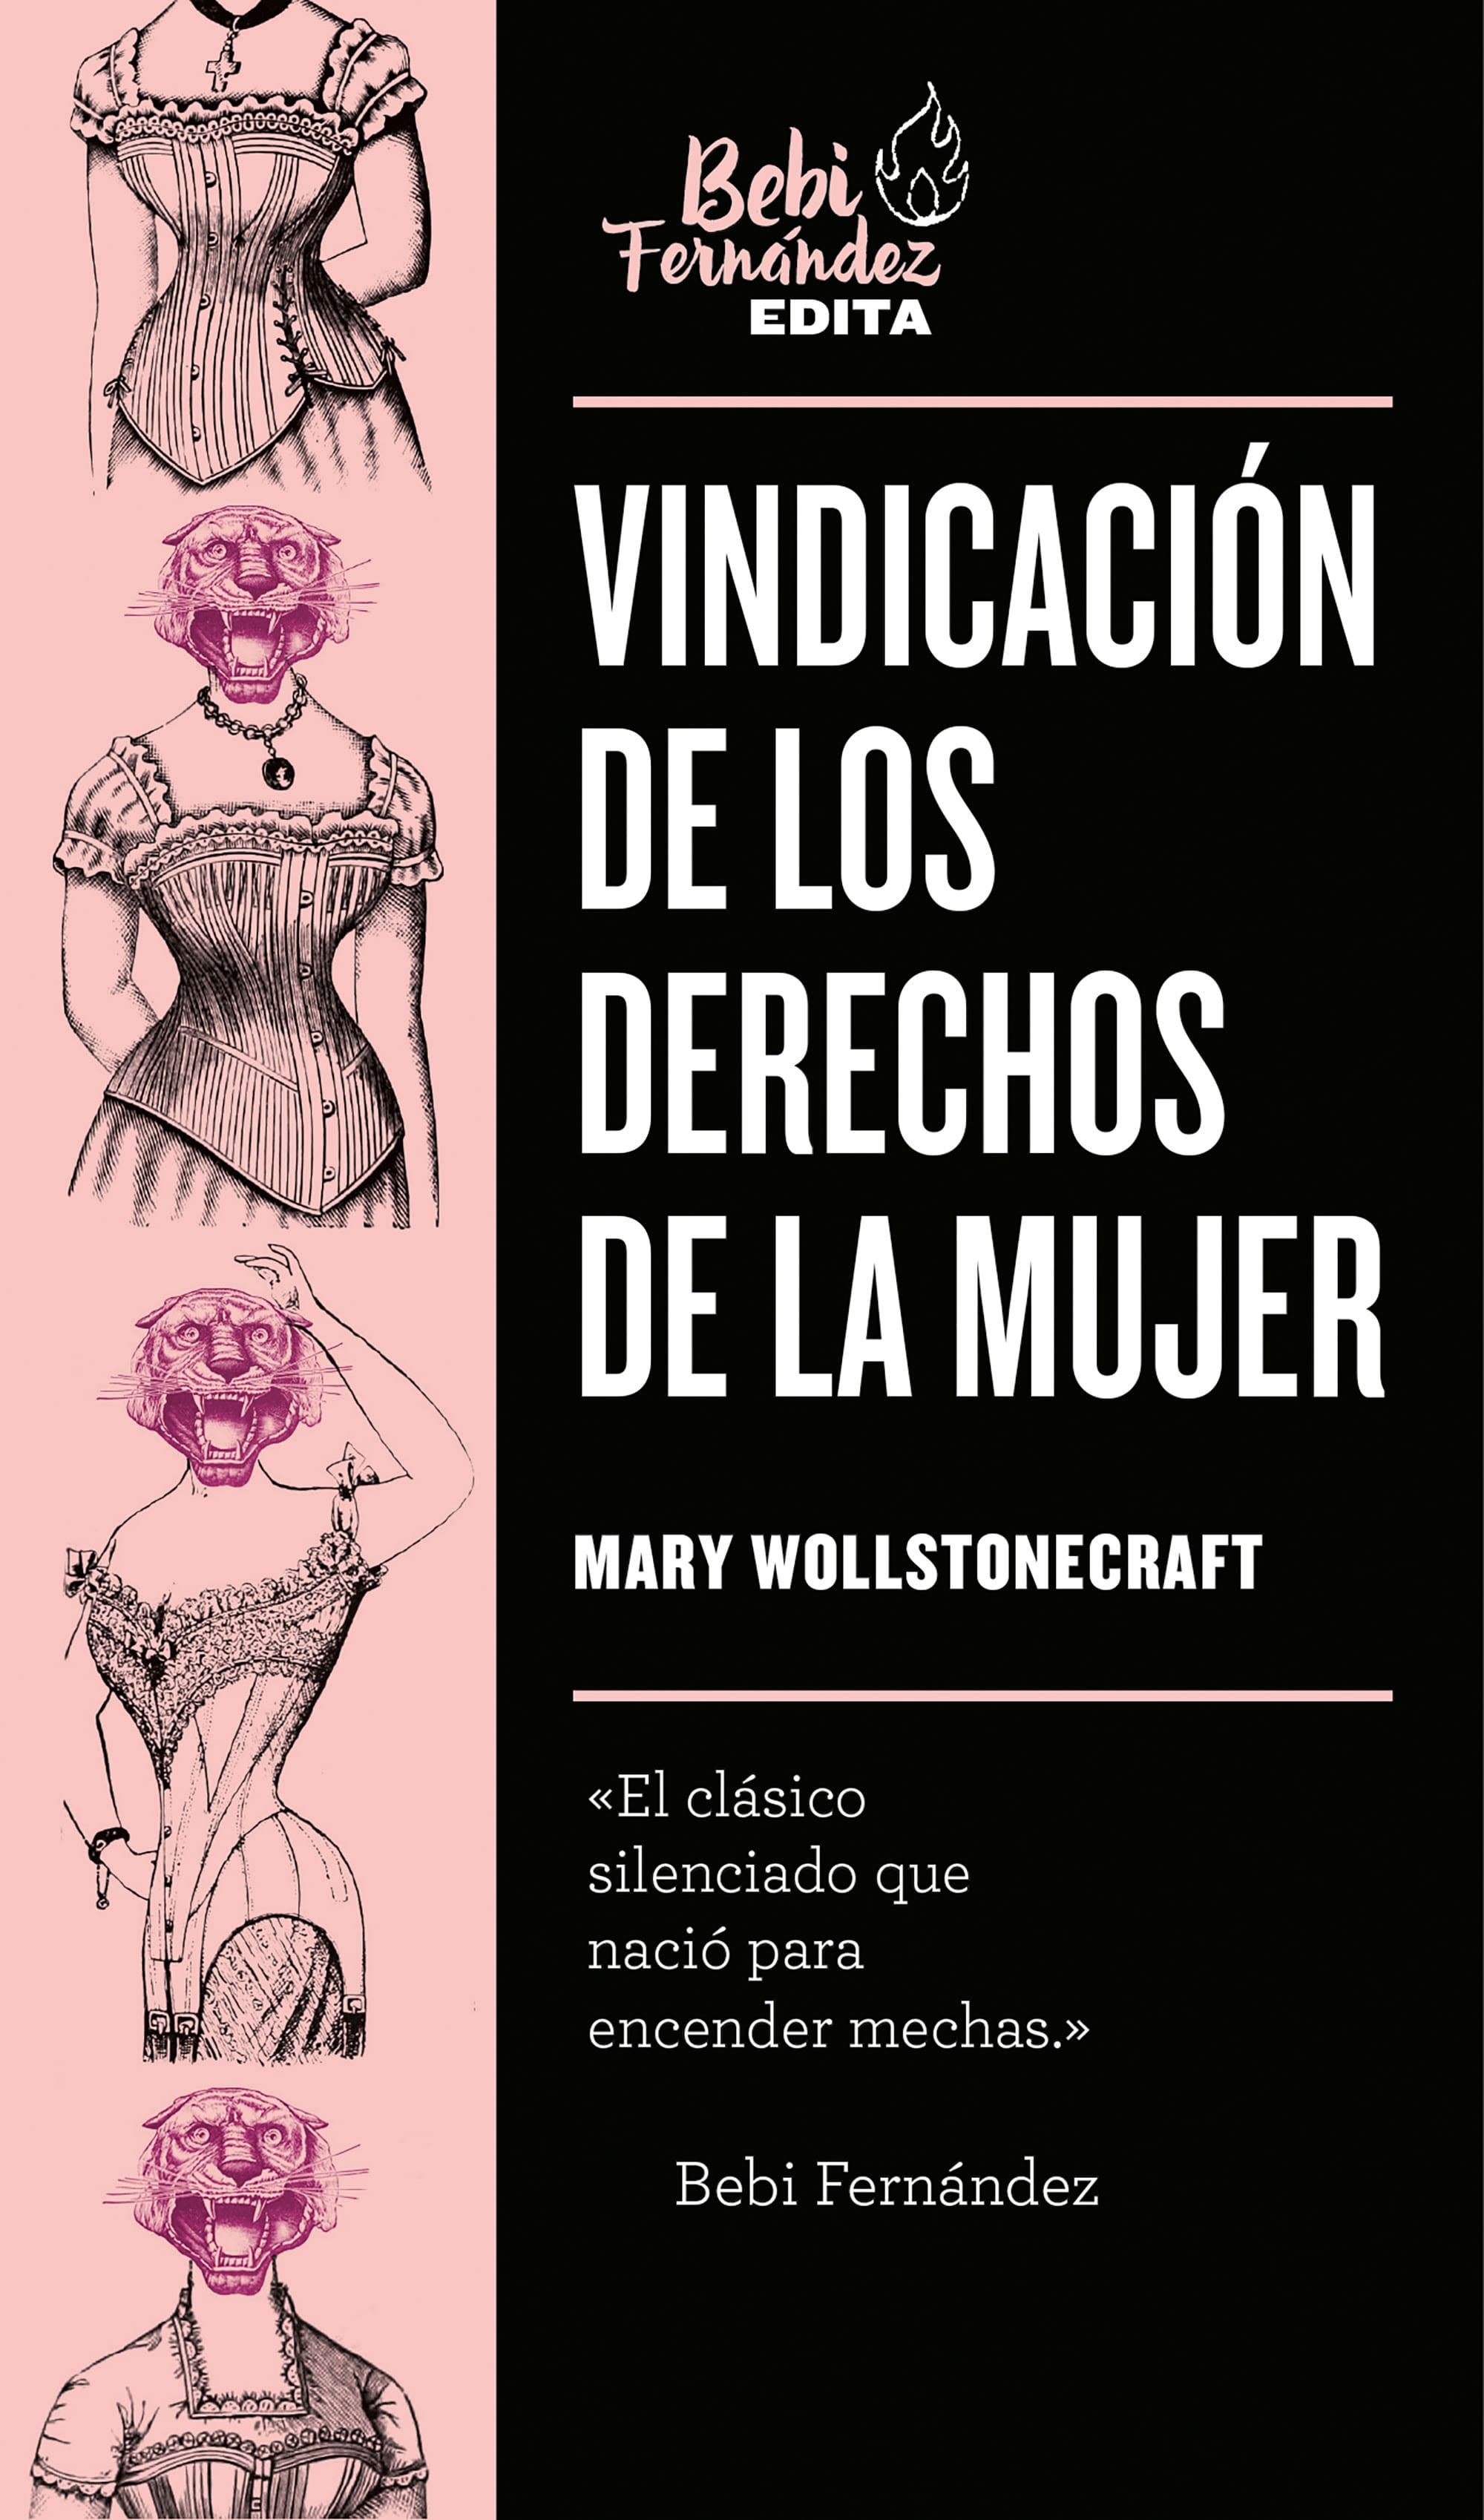 Vindicación de los derechos de la mujer, de Mary Wollstonecraft (editado por Bebi Fernández) - Reseña